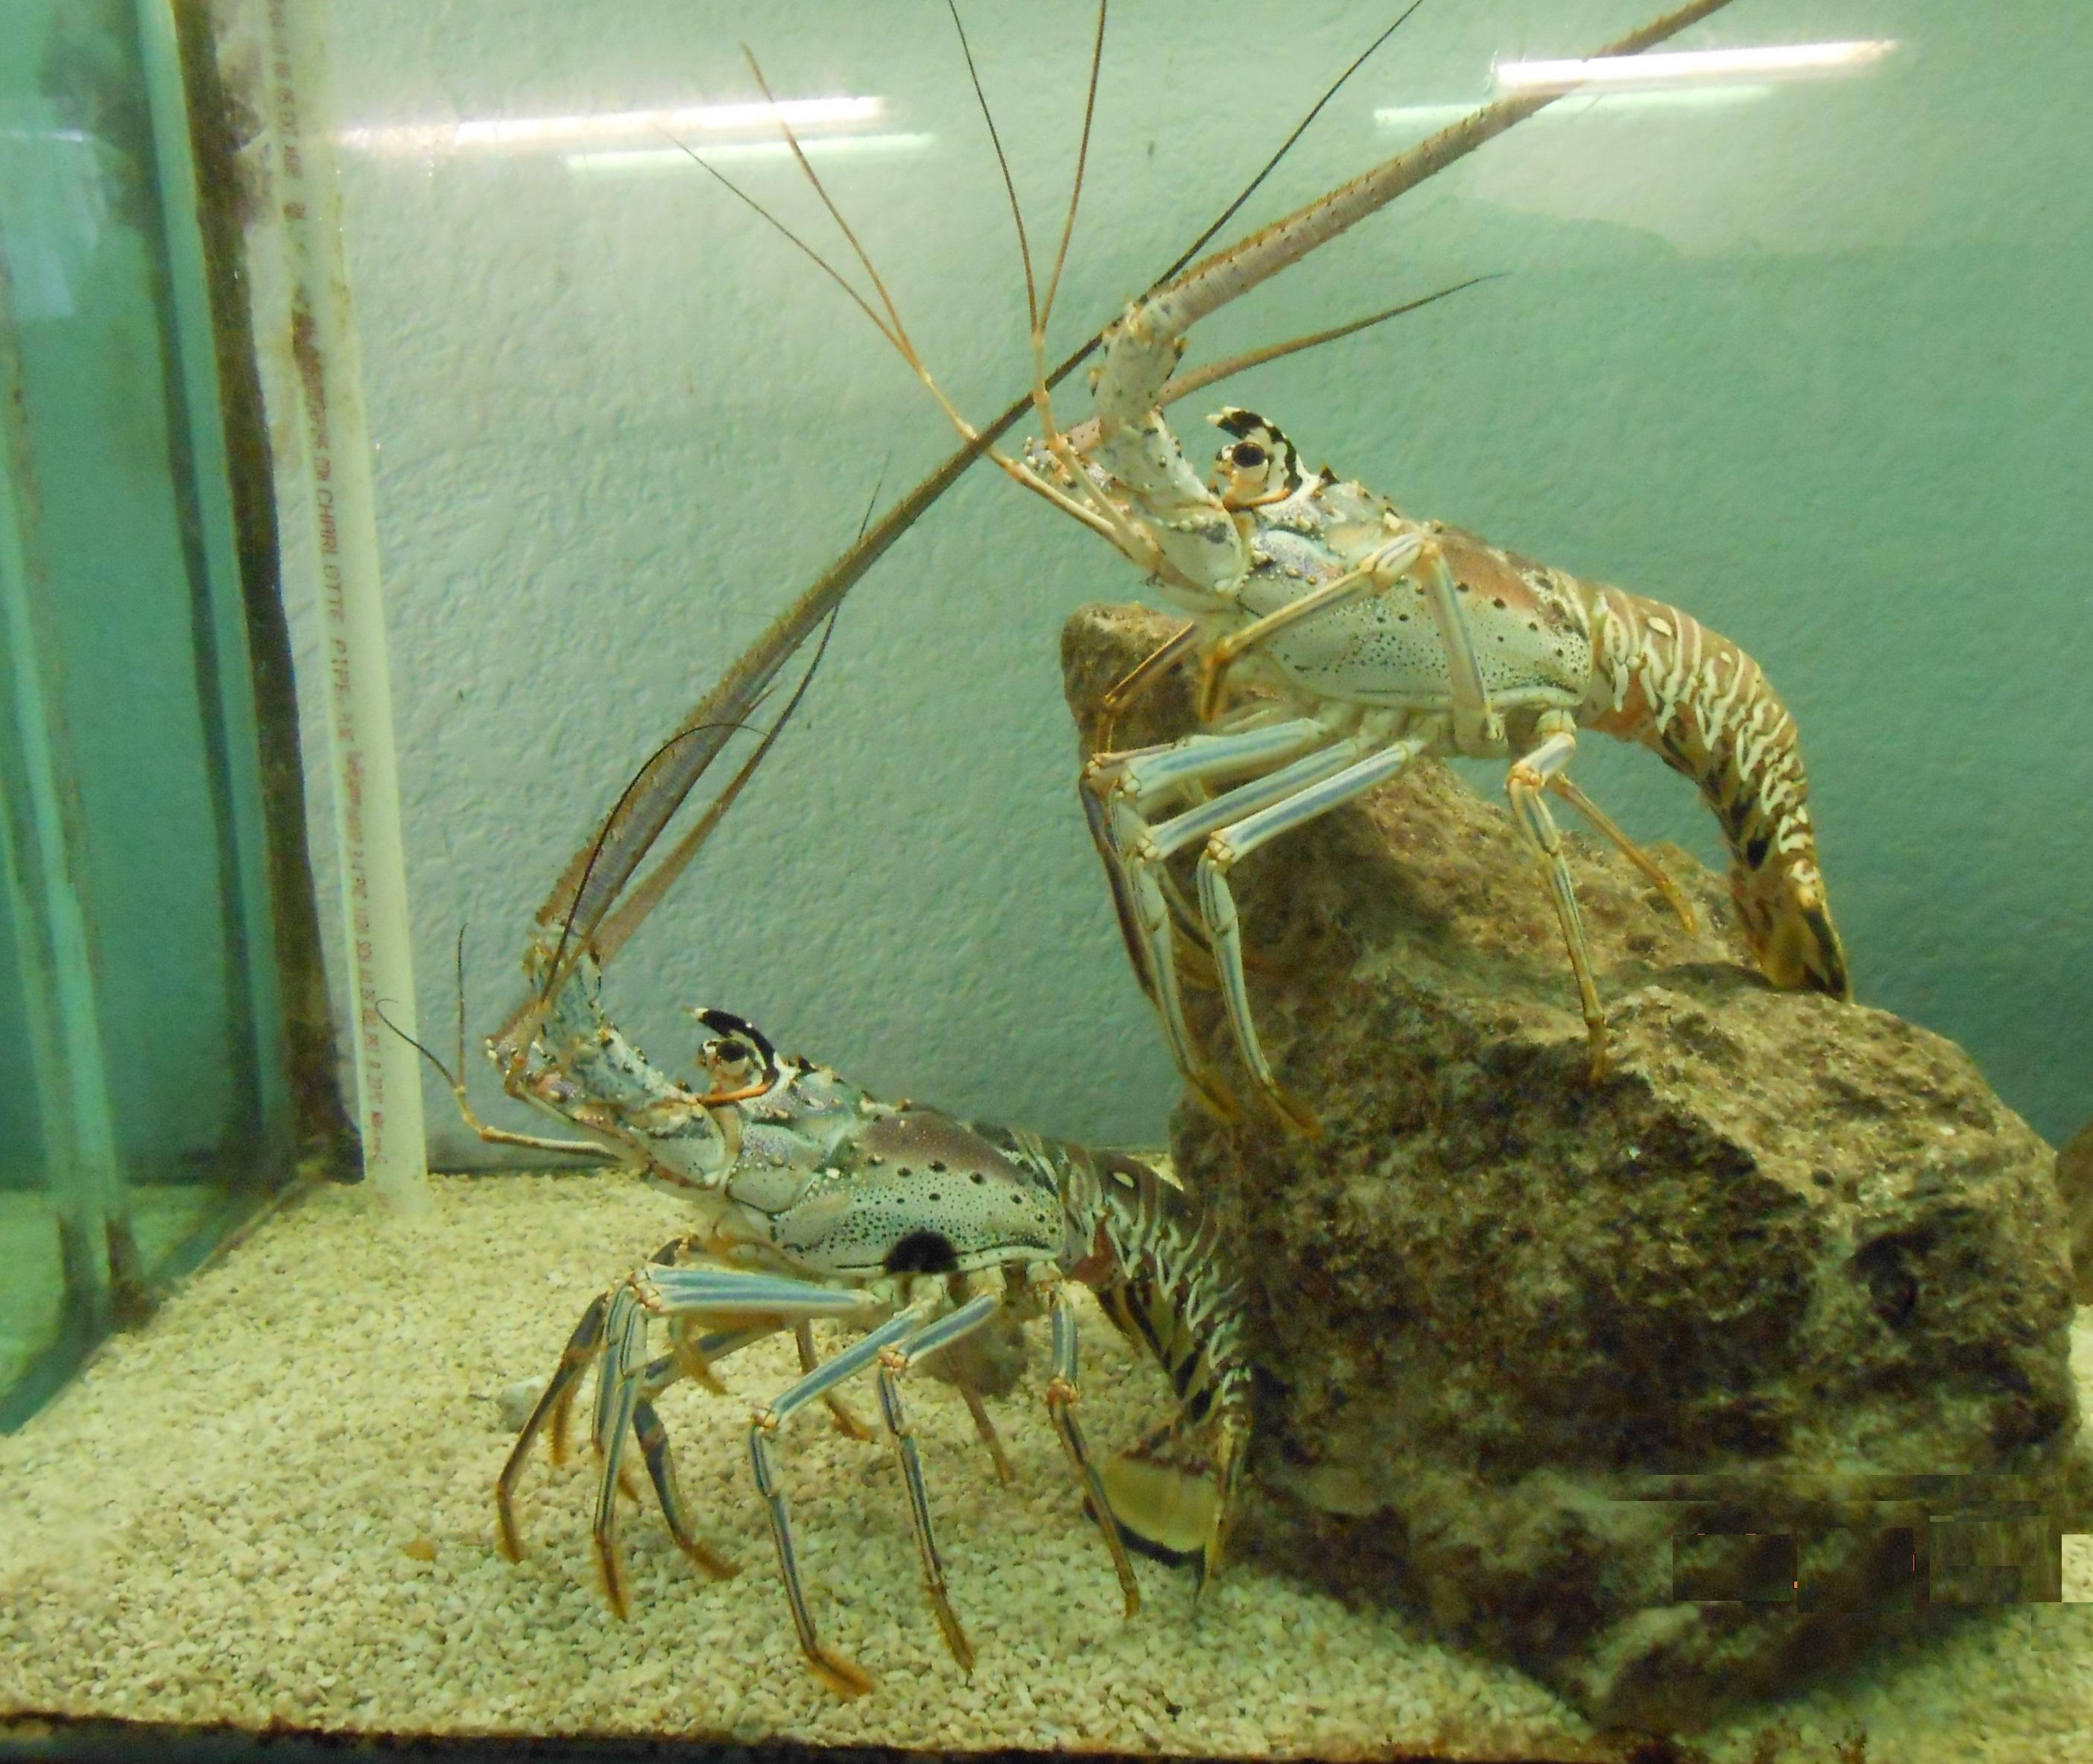 Fish - Florida Spiny Lobster